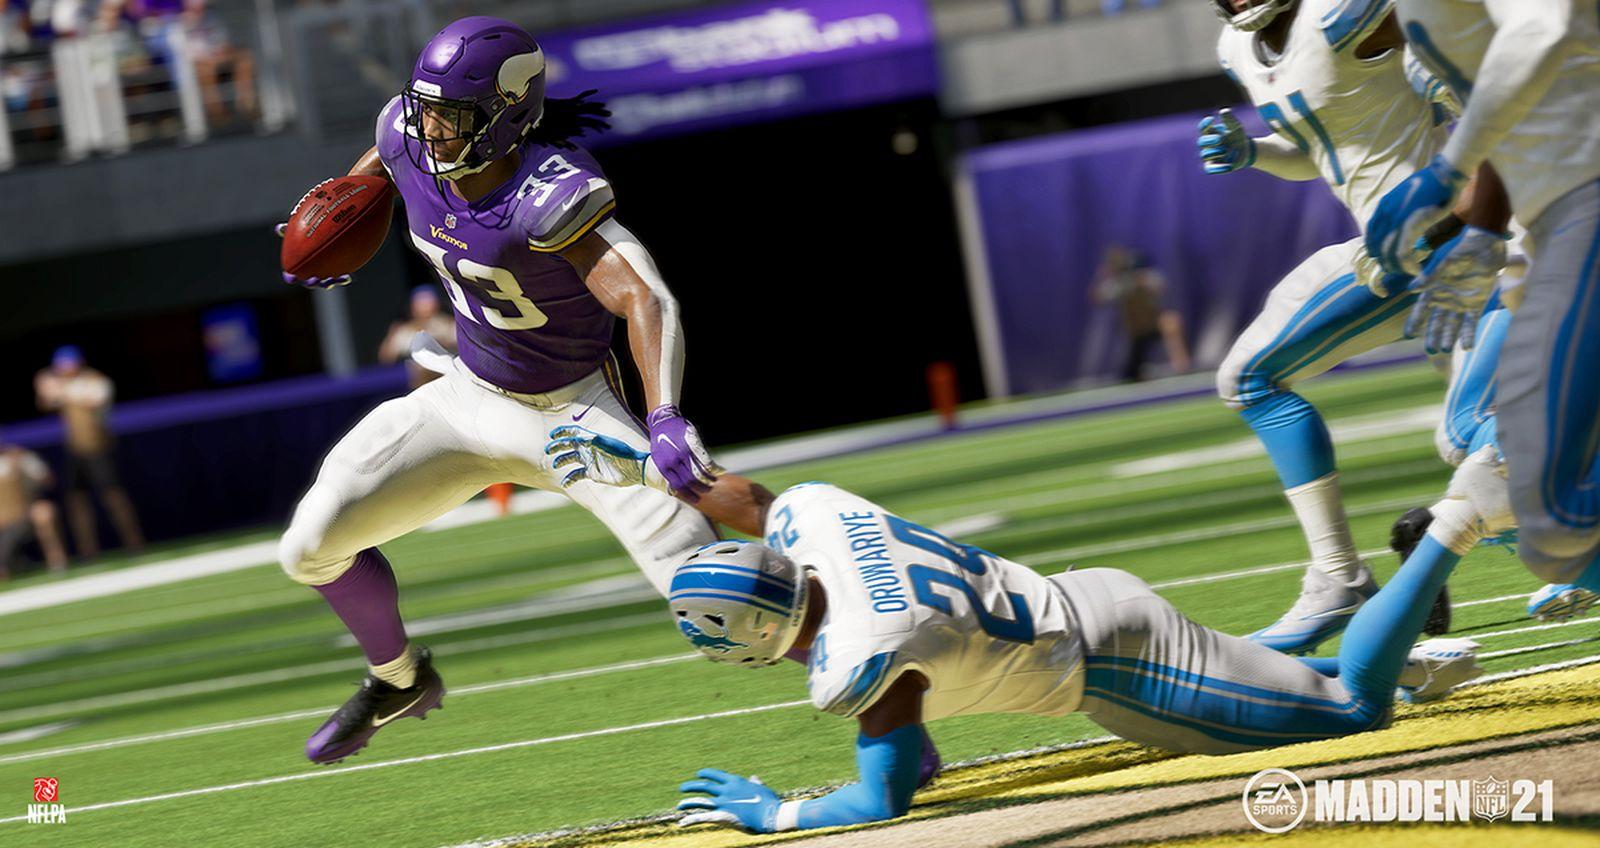 Madden NFL 21 screenshot